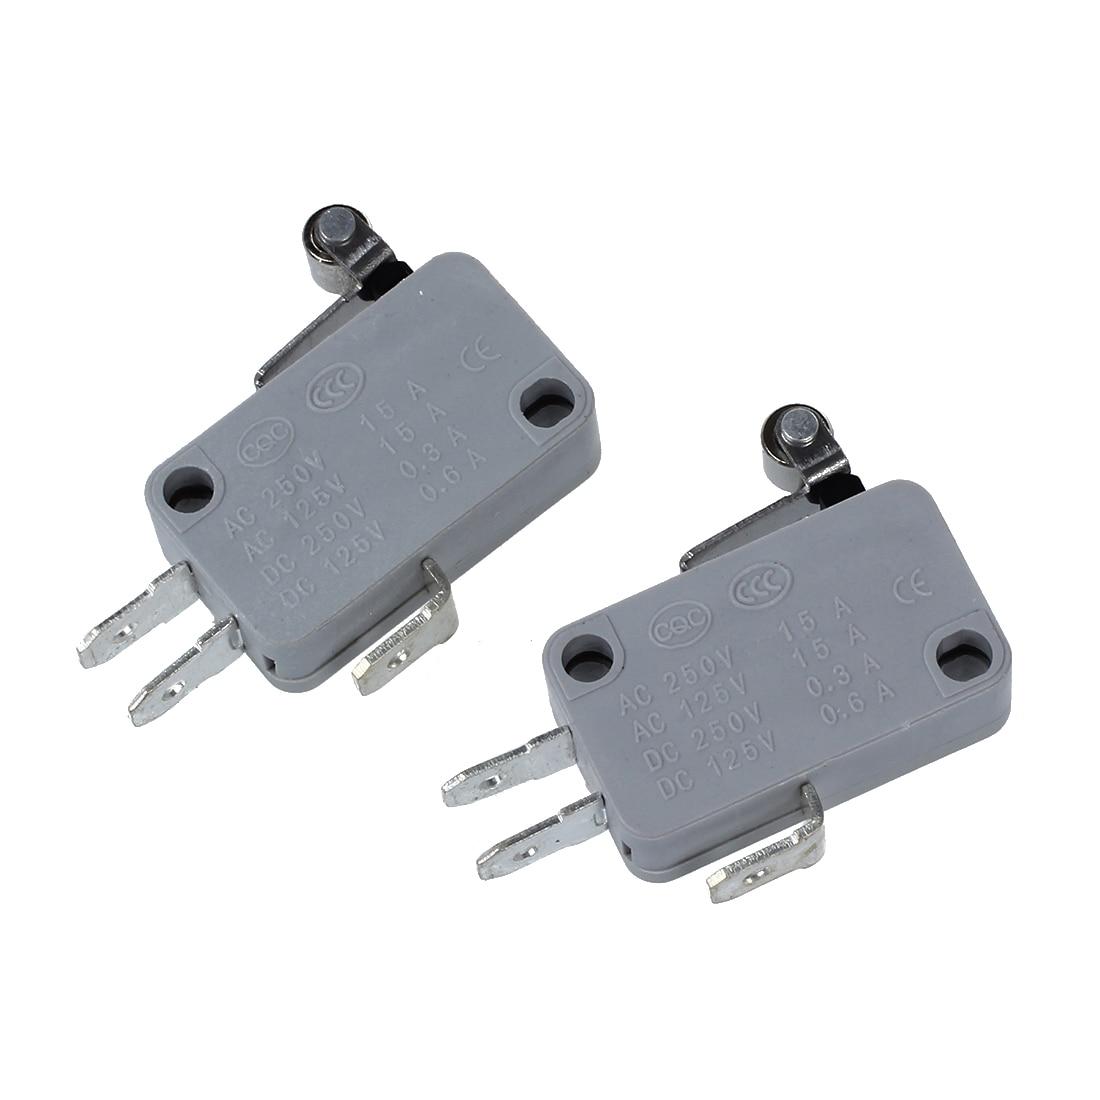 2 piezas de metal rodillo corto palanca del interruptor micro miniatura